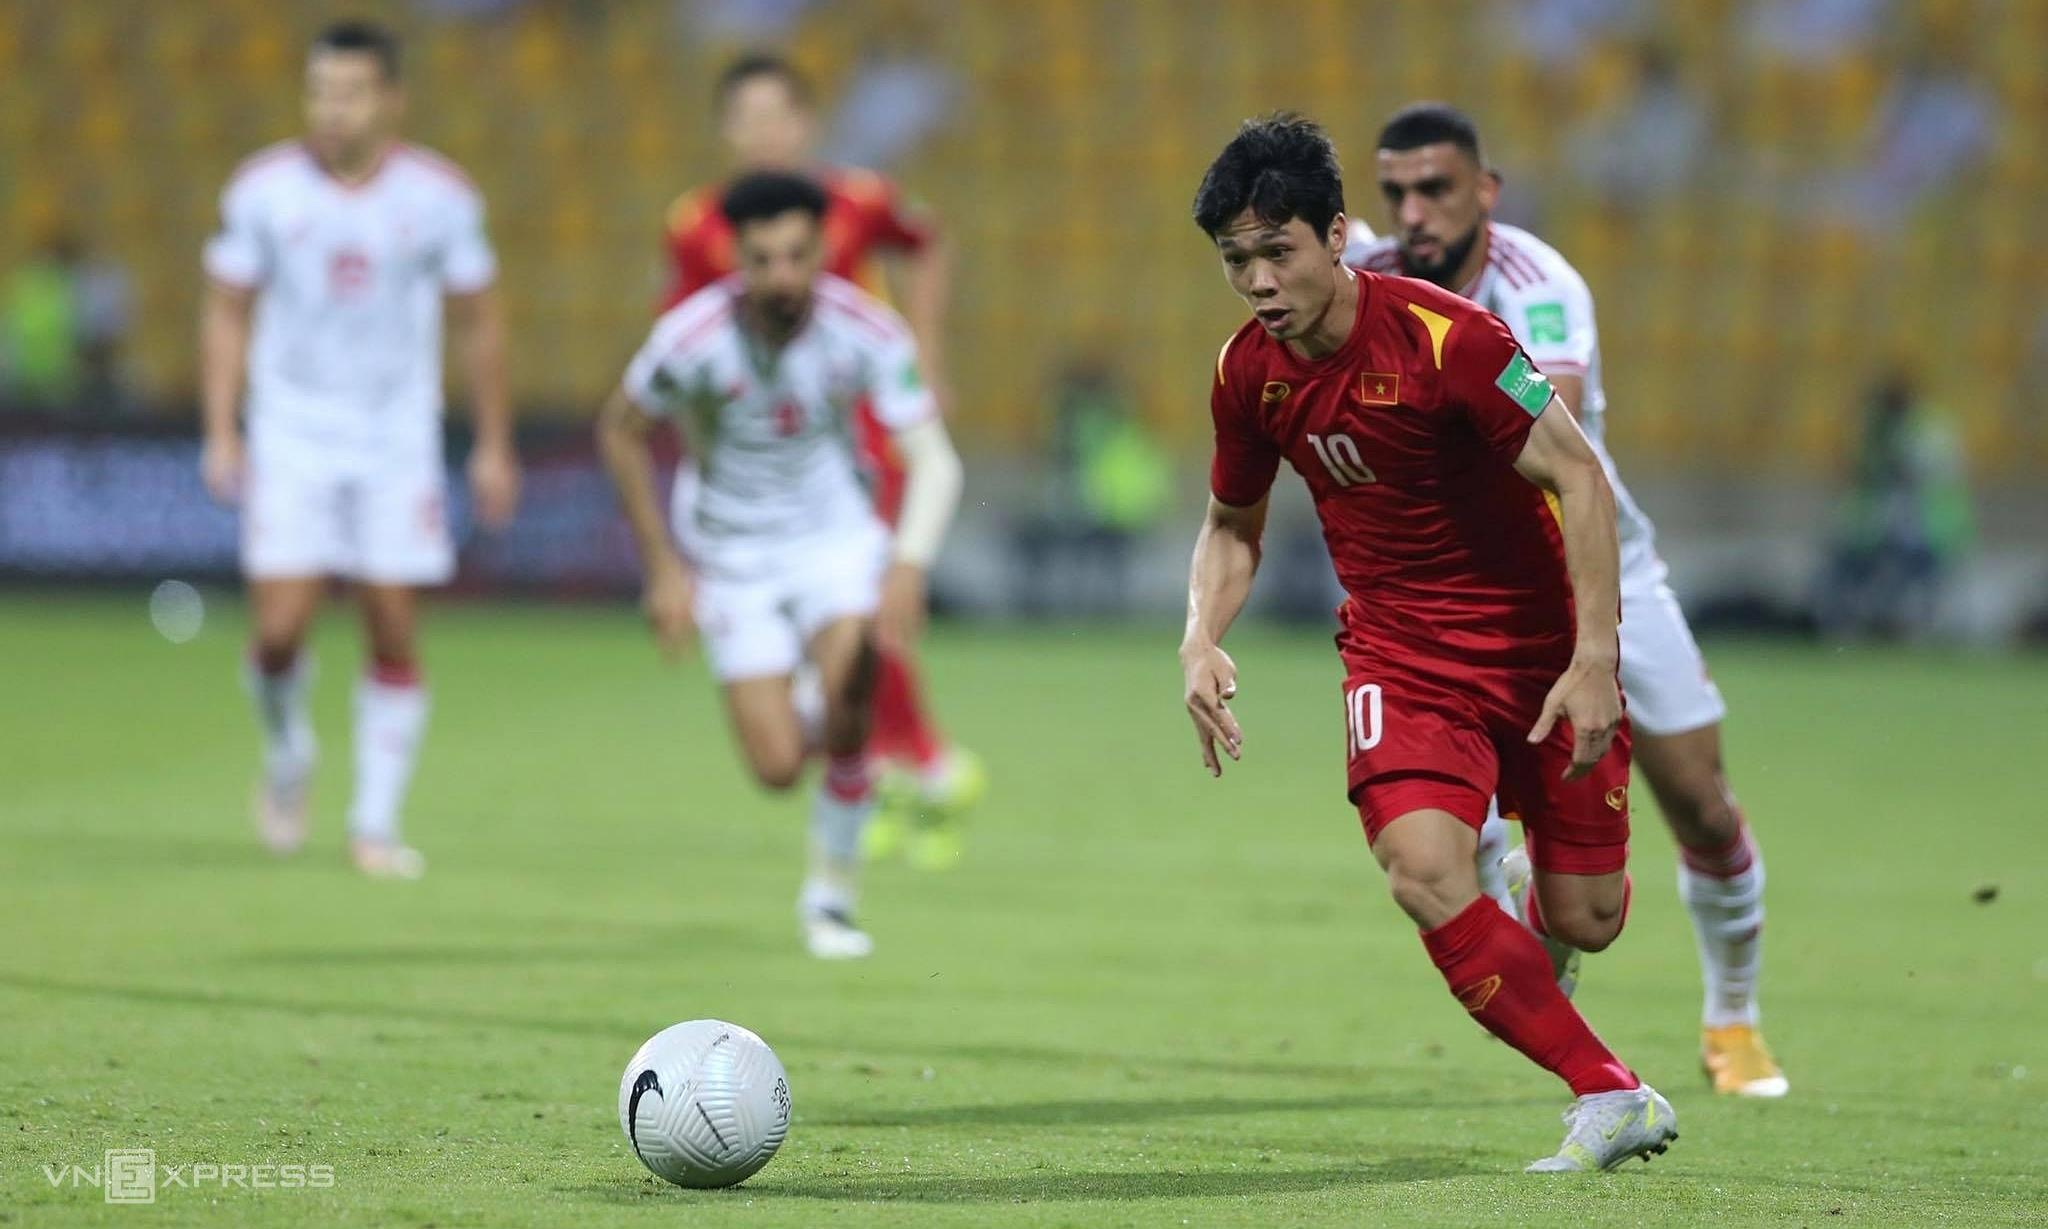 Trận đấu với UAE ở lượt cuối bảng G giai đoạn hai cho thấy Việt Nam hoàn toàn có thể chơi sòng phẳng với các ông lớn châu lục, với một thái độ và chiến thuật đúng đắn. Ảnh: Lâm Thoả